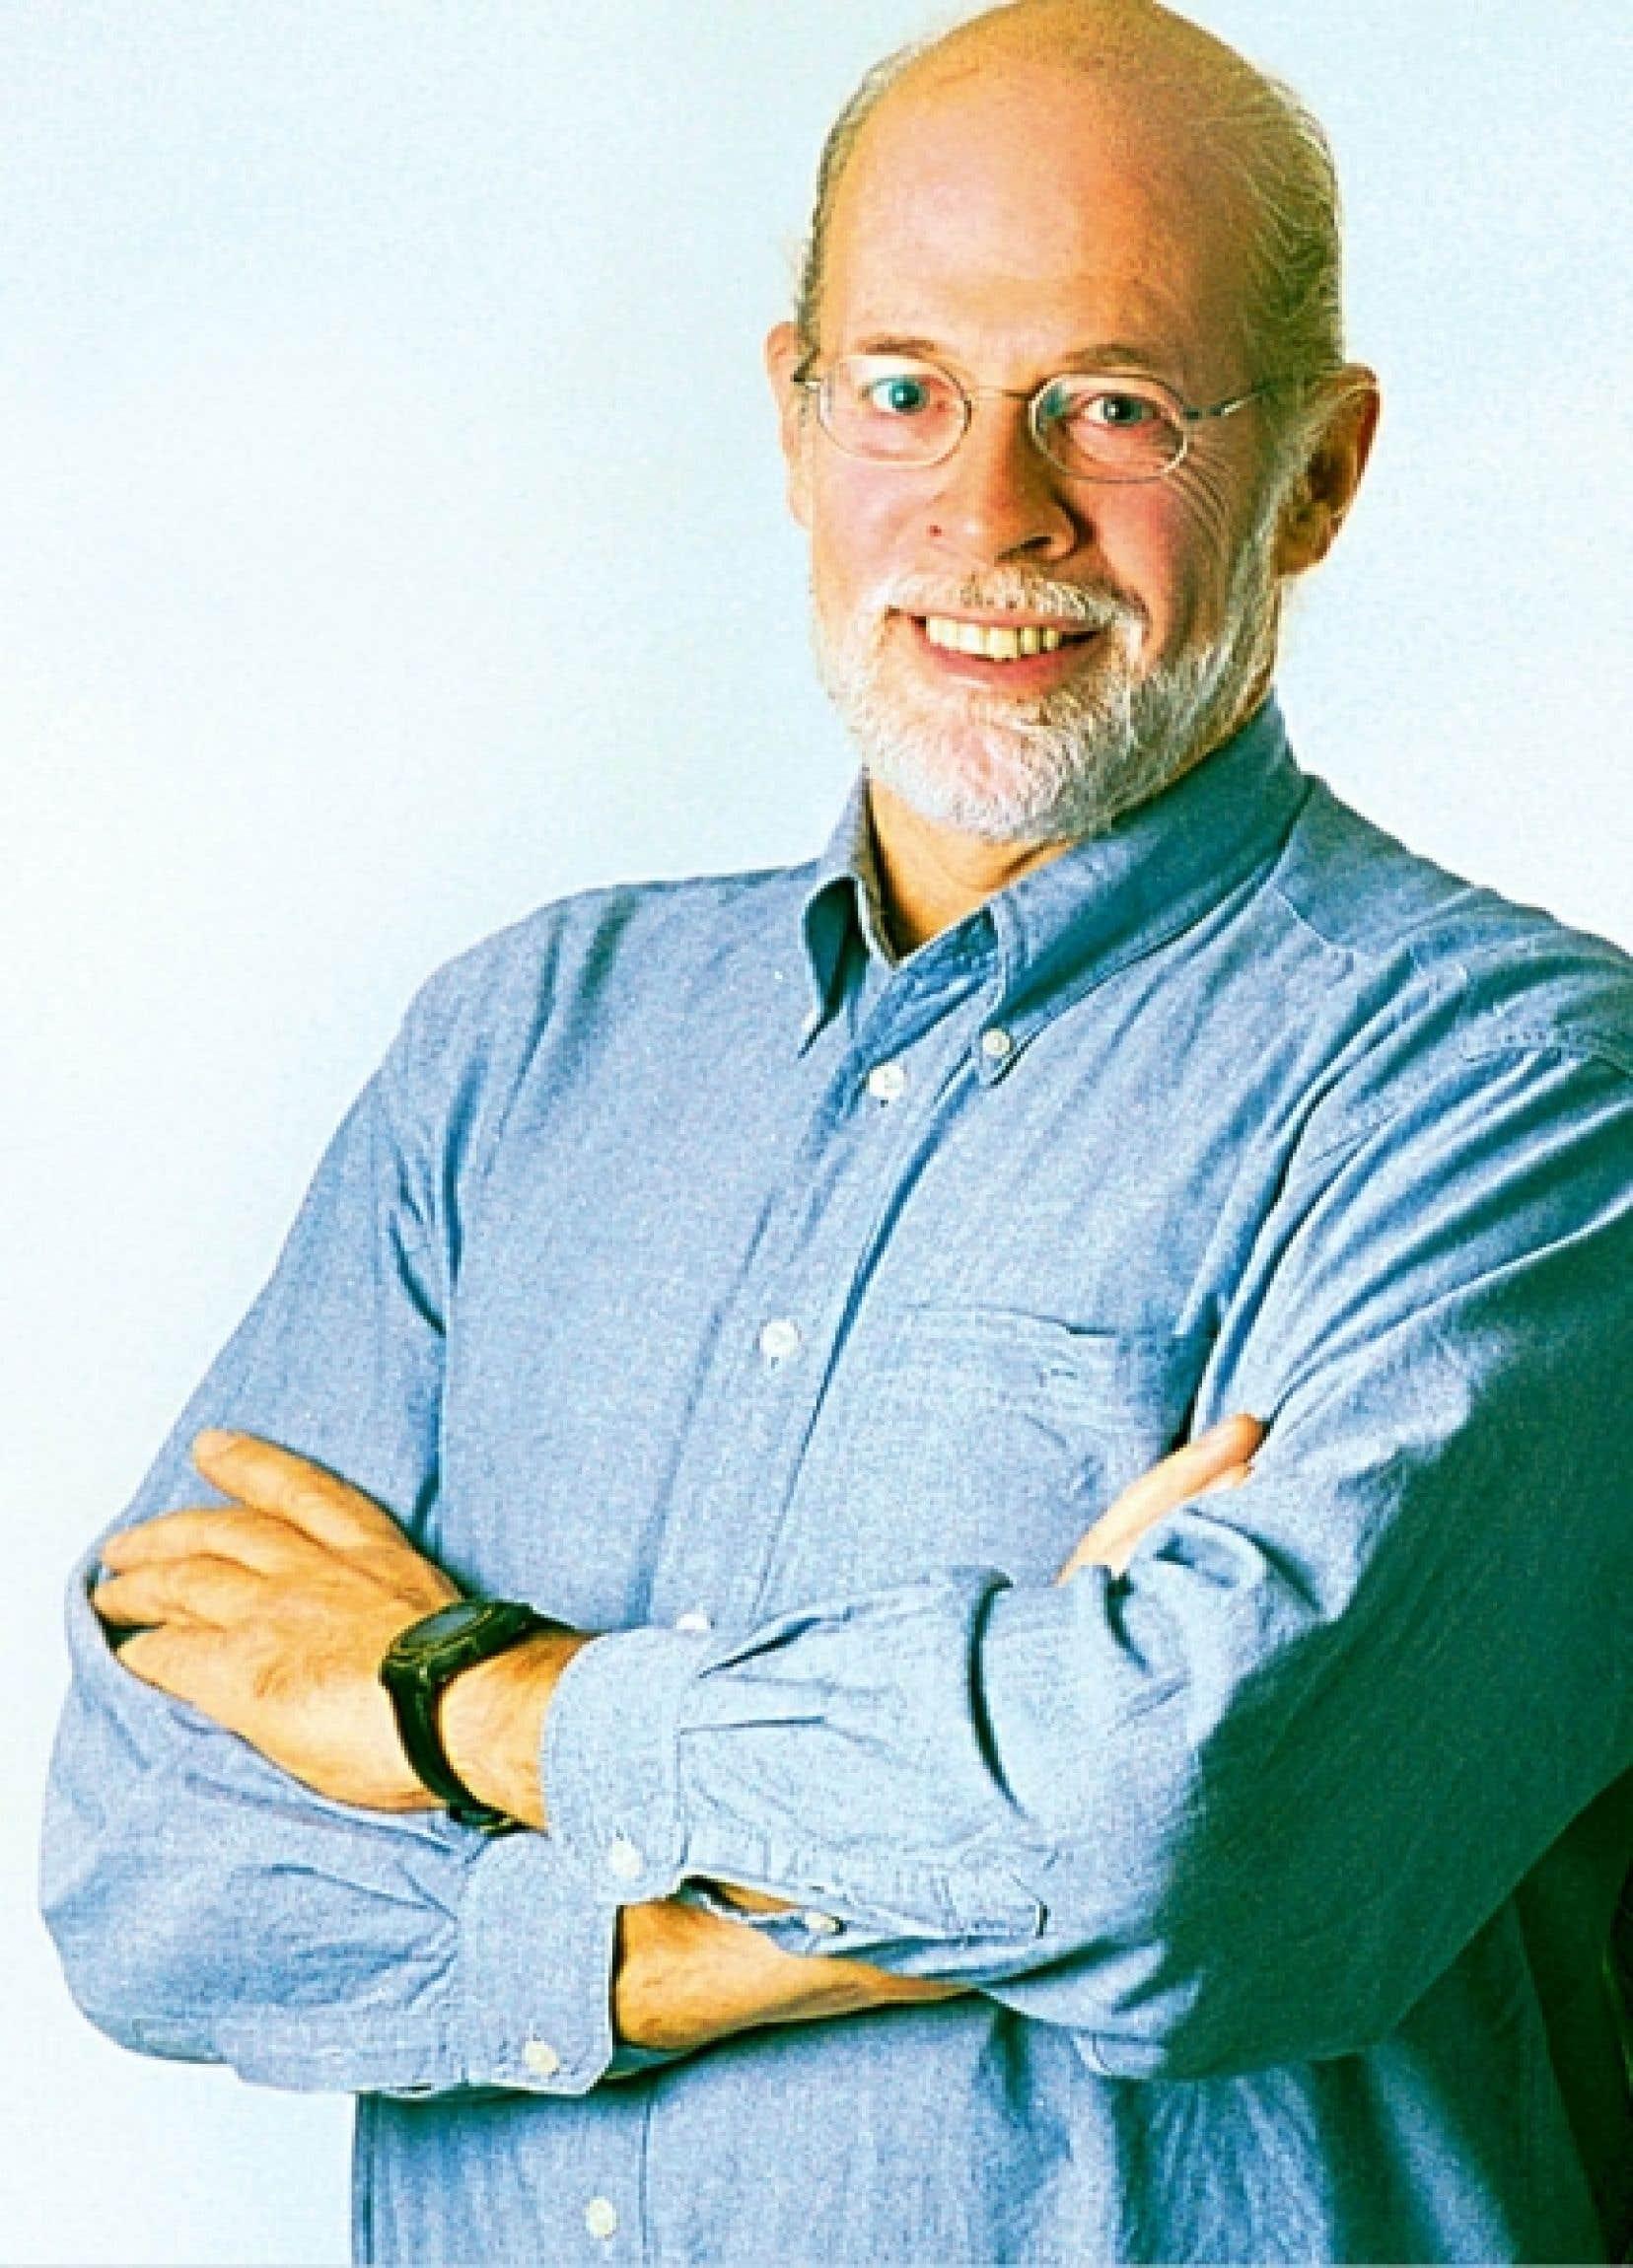 Titulaire de la Chaire de recherche du Canada en développement des collectivités, Louis Favreau a enseigné pendant 25 ans au Département de travail social et des sciences sociales de l'Université du Québec en Outaouais. <br />